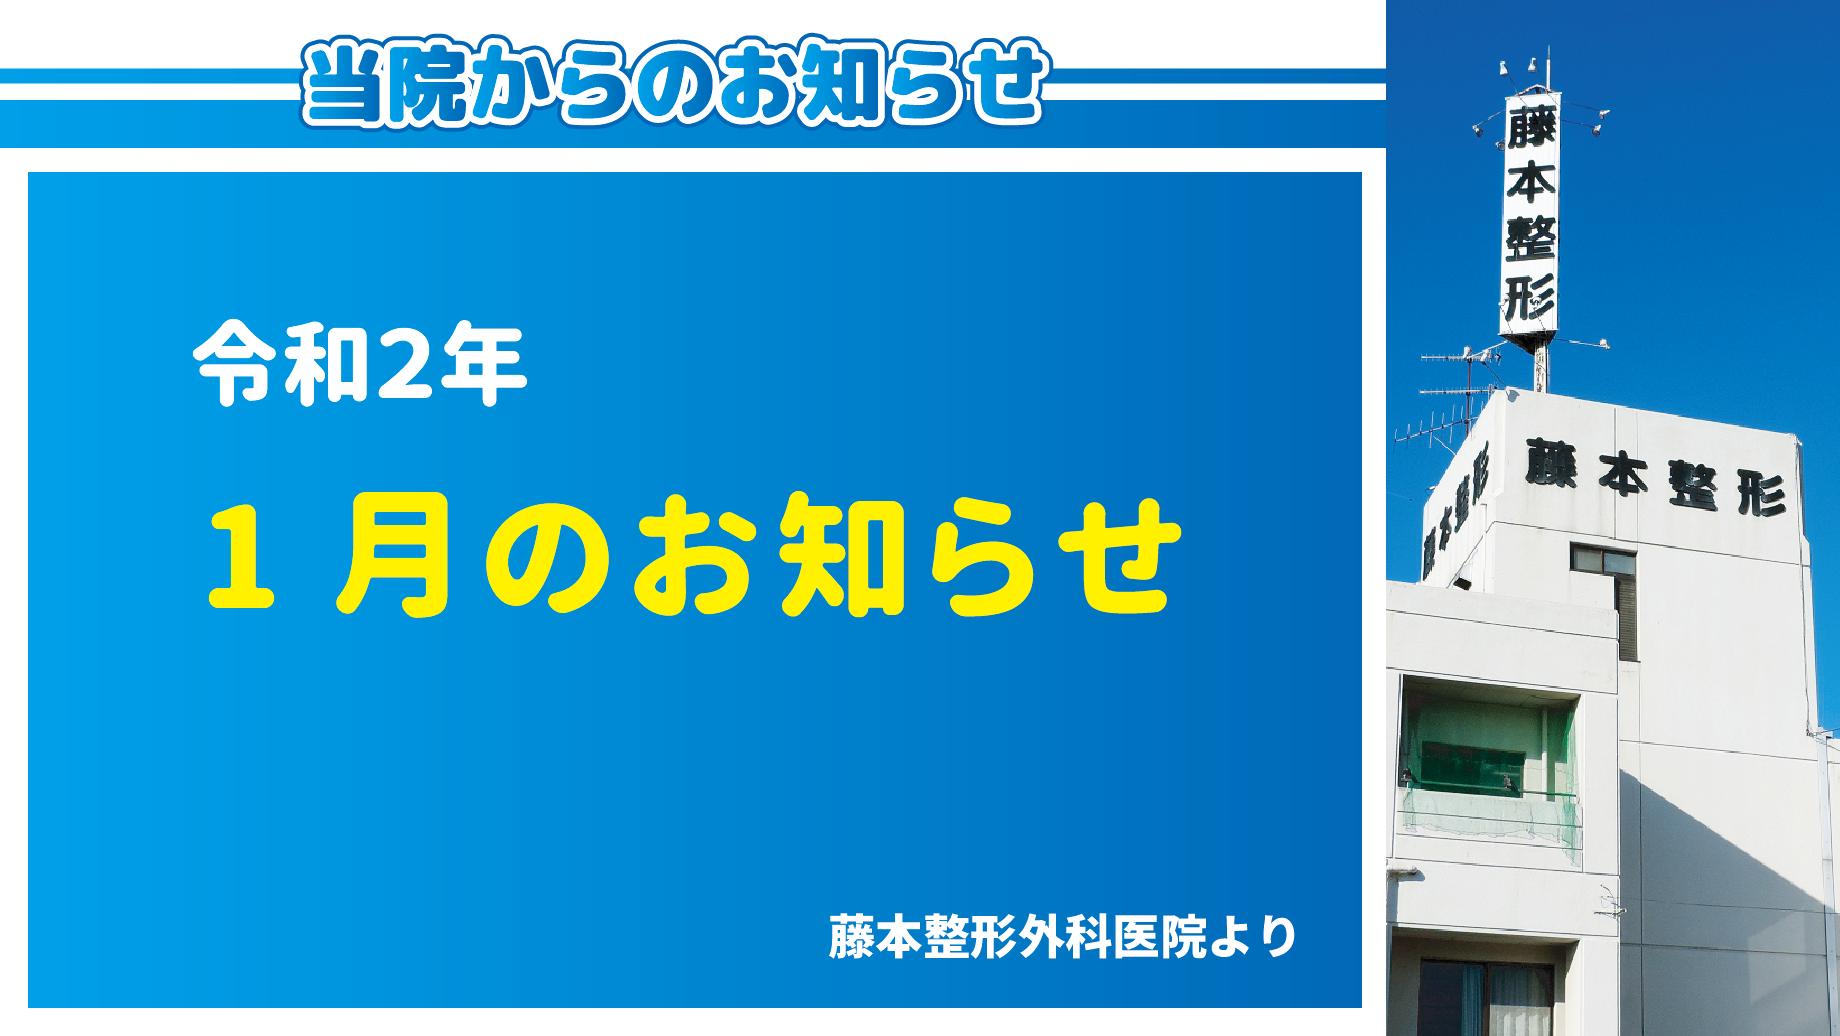 令和2年1月のお知らせ(大分の藤本整形外科医院より)